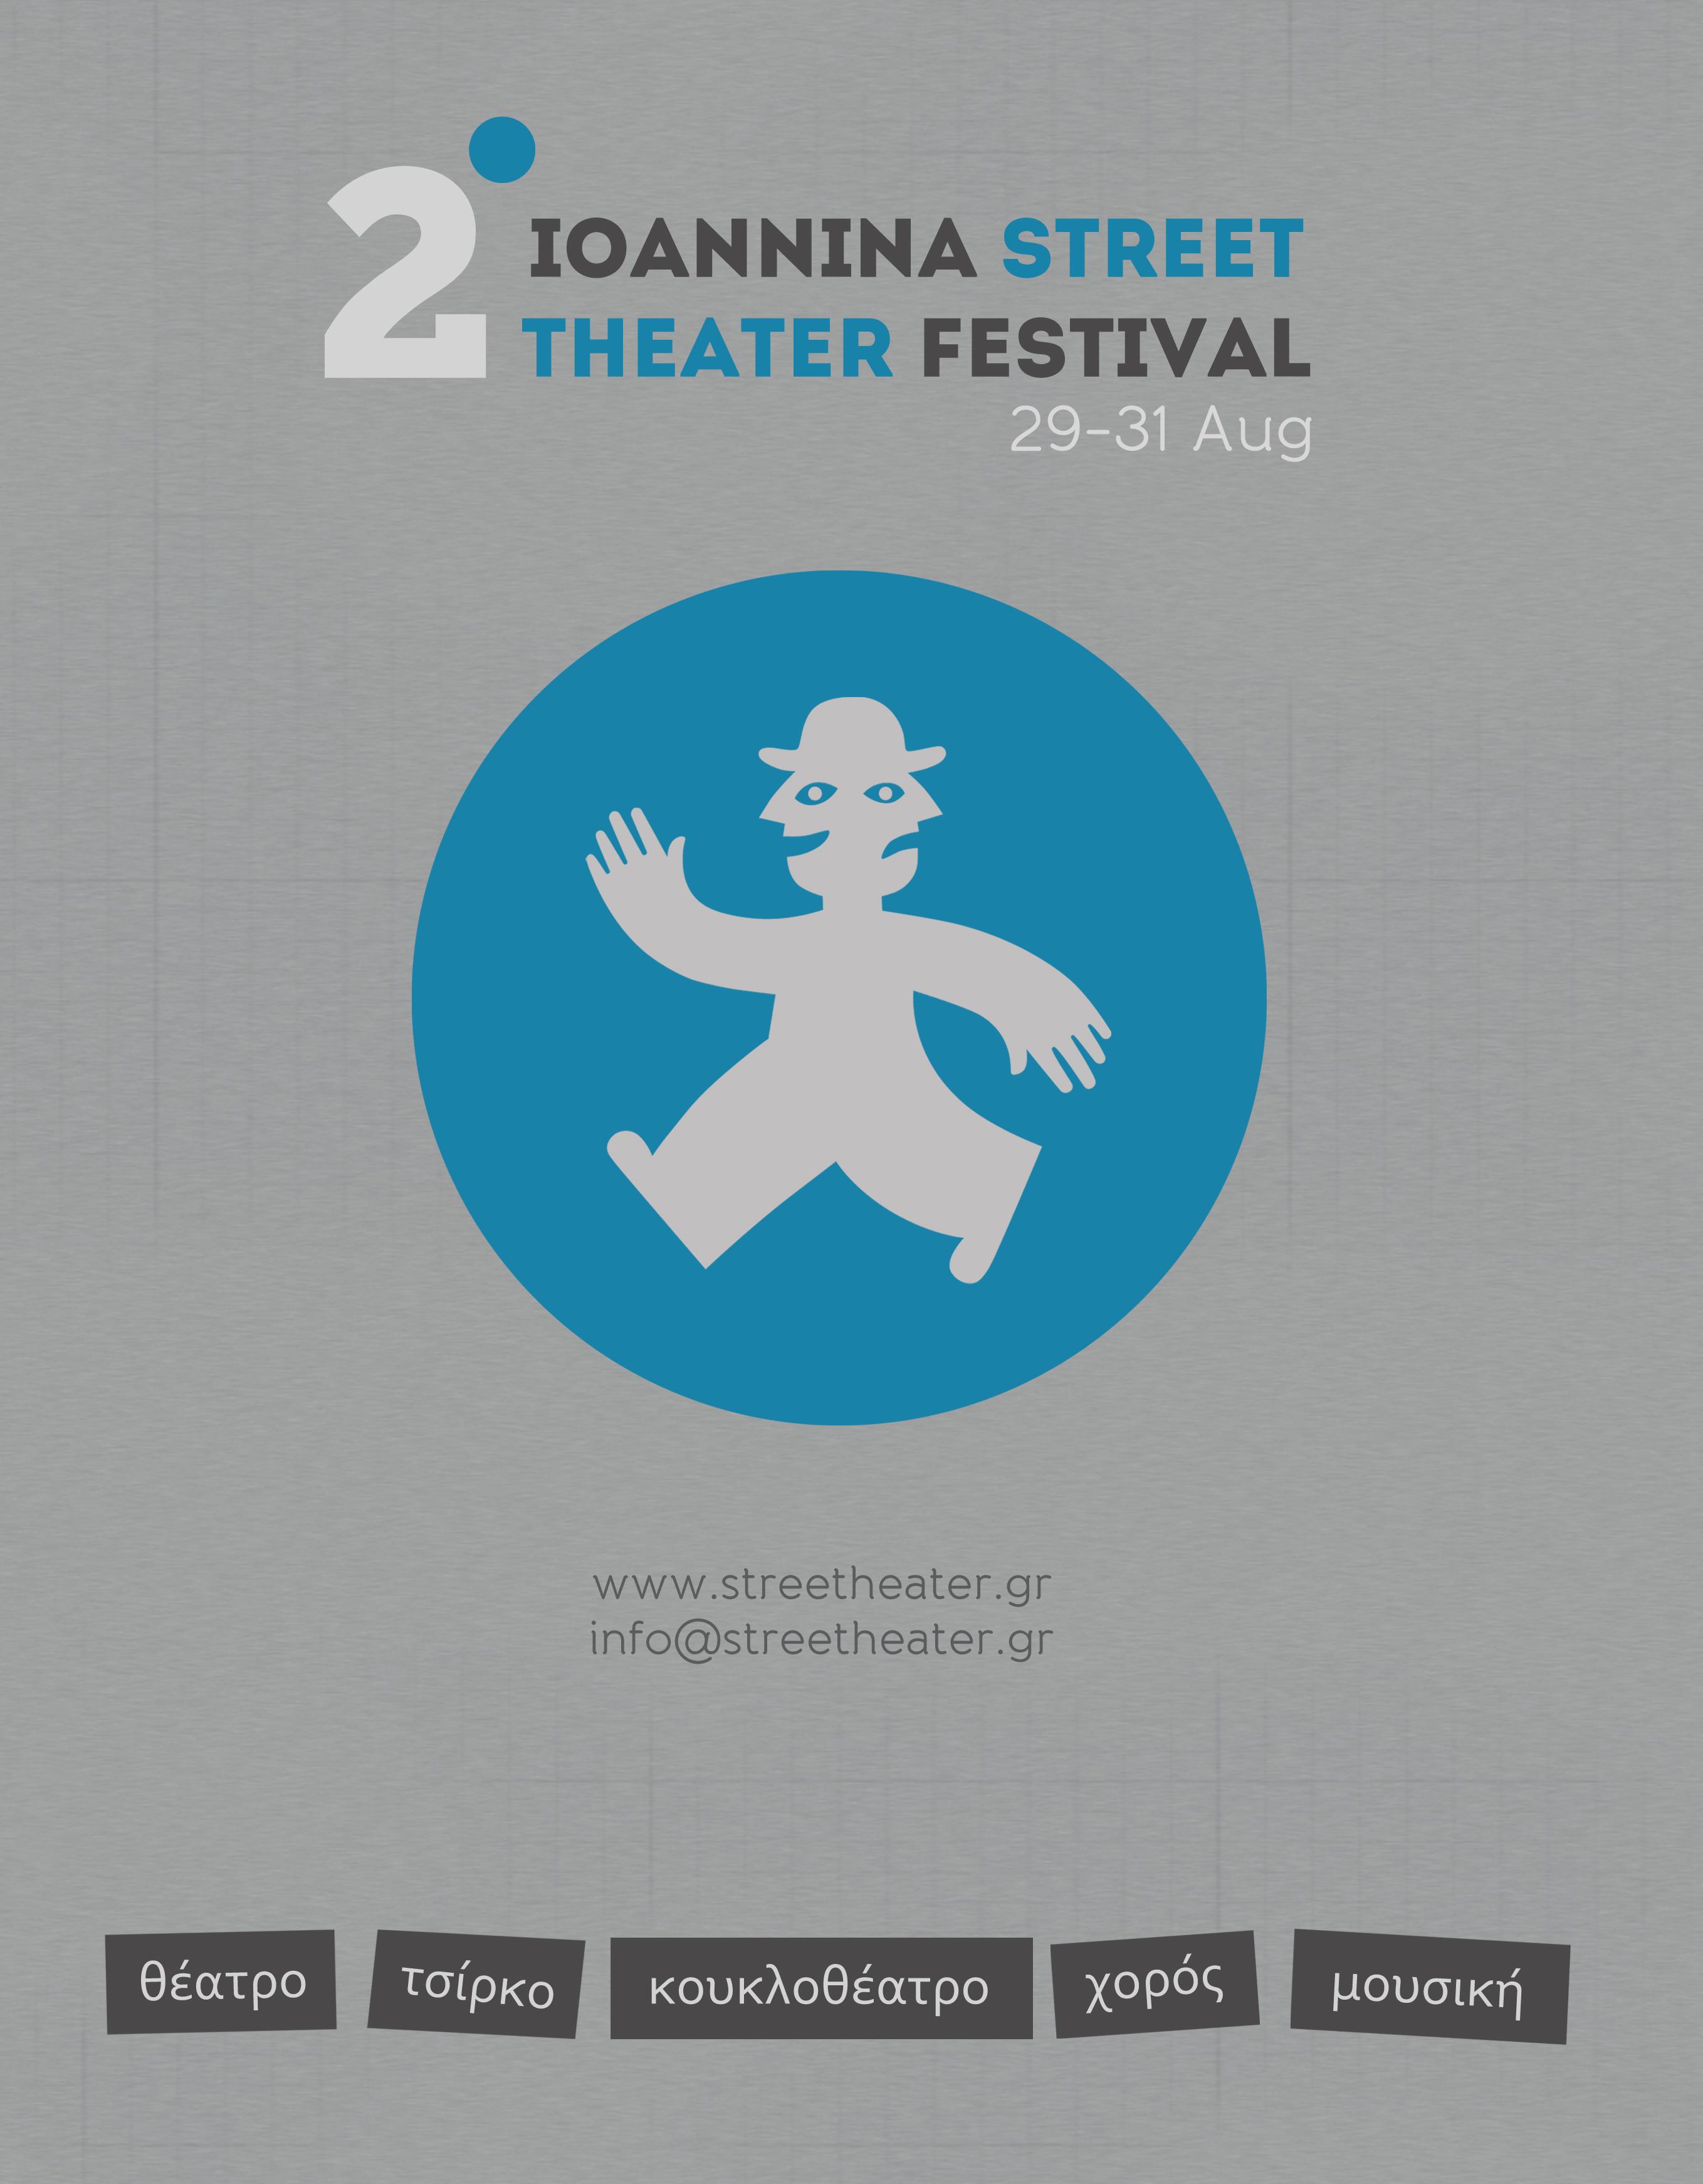 2ο Ioannina Street Theater Festival. Μια γιορτή για όλους – Διαβάστε το πρόγραμμα